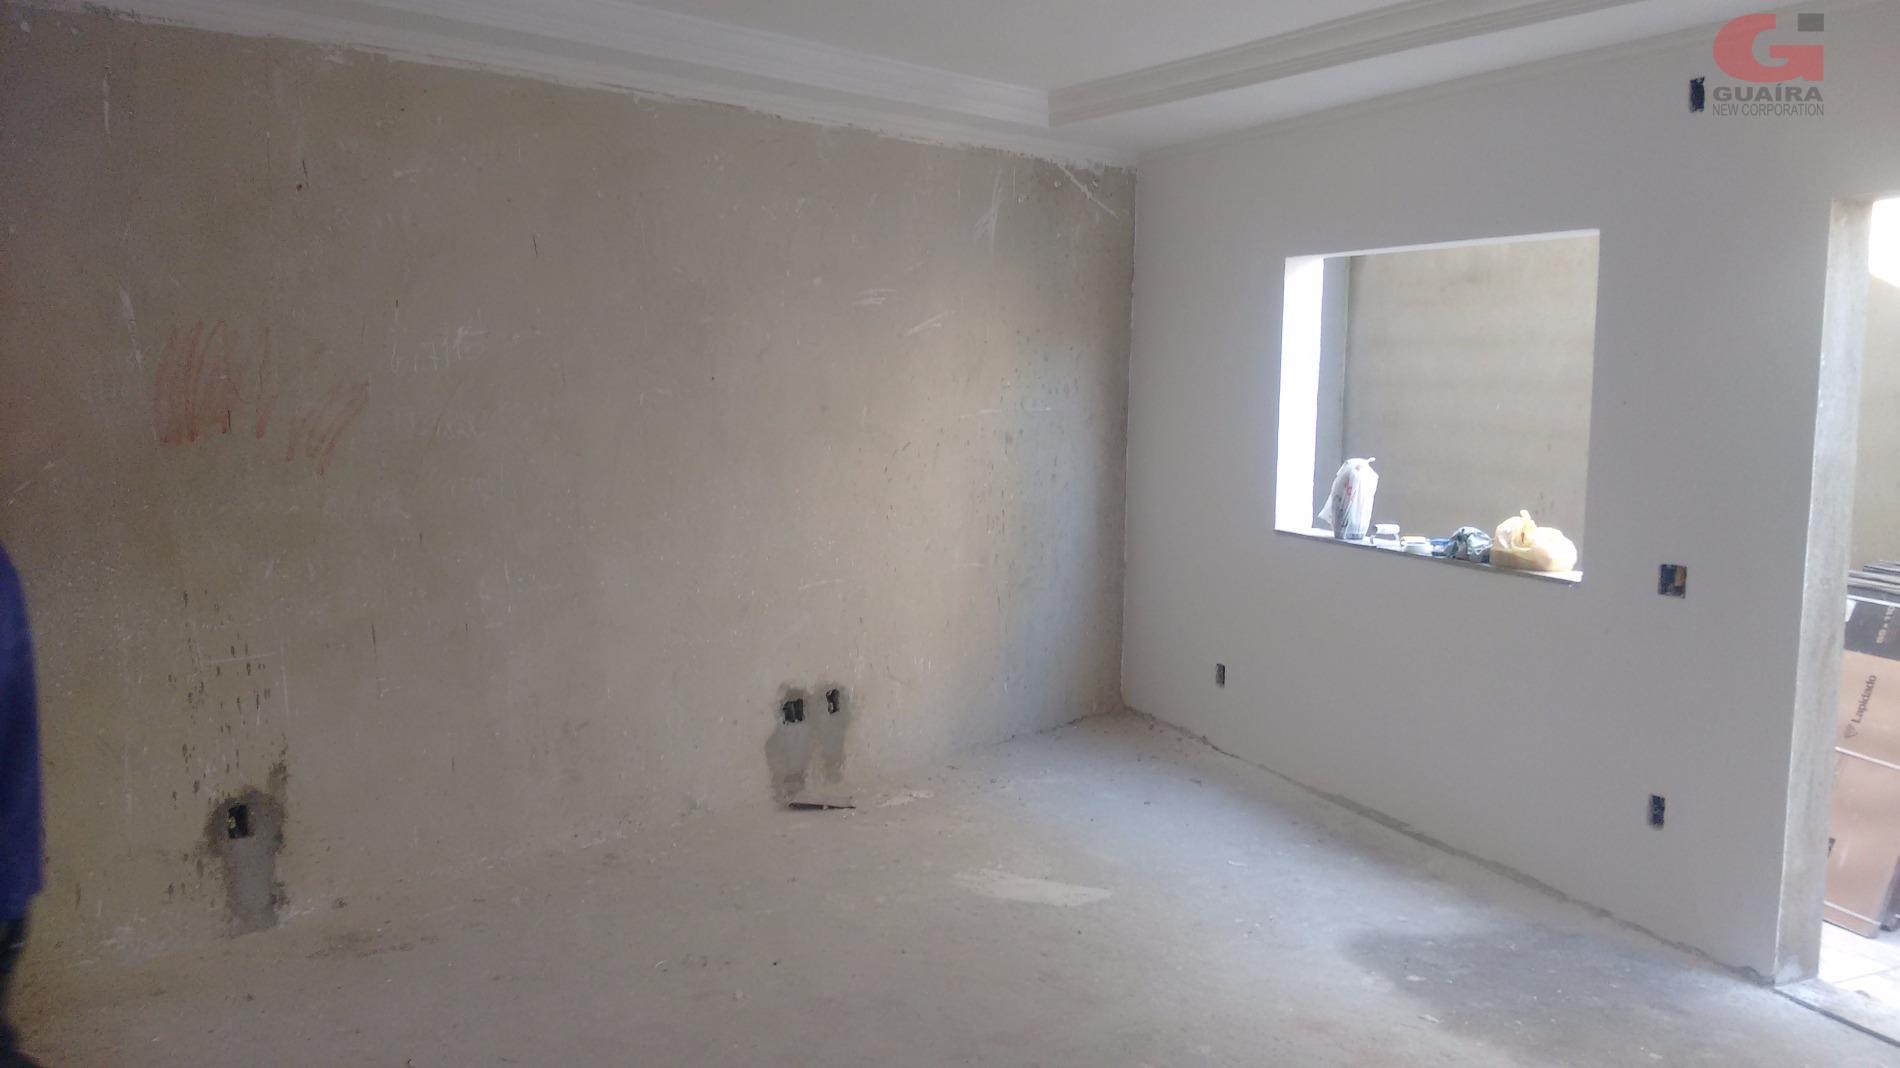 Sobrado de 2 dormitórios à venda em Vila Curuçá, Santo André - SP